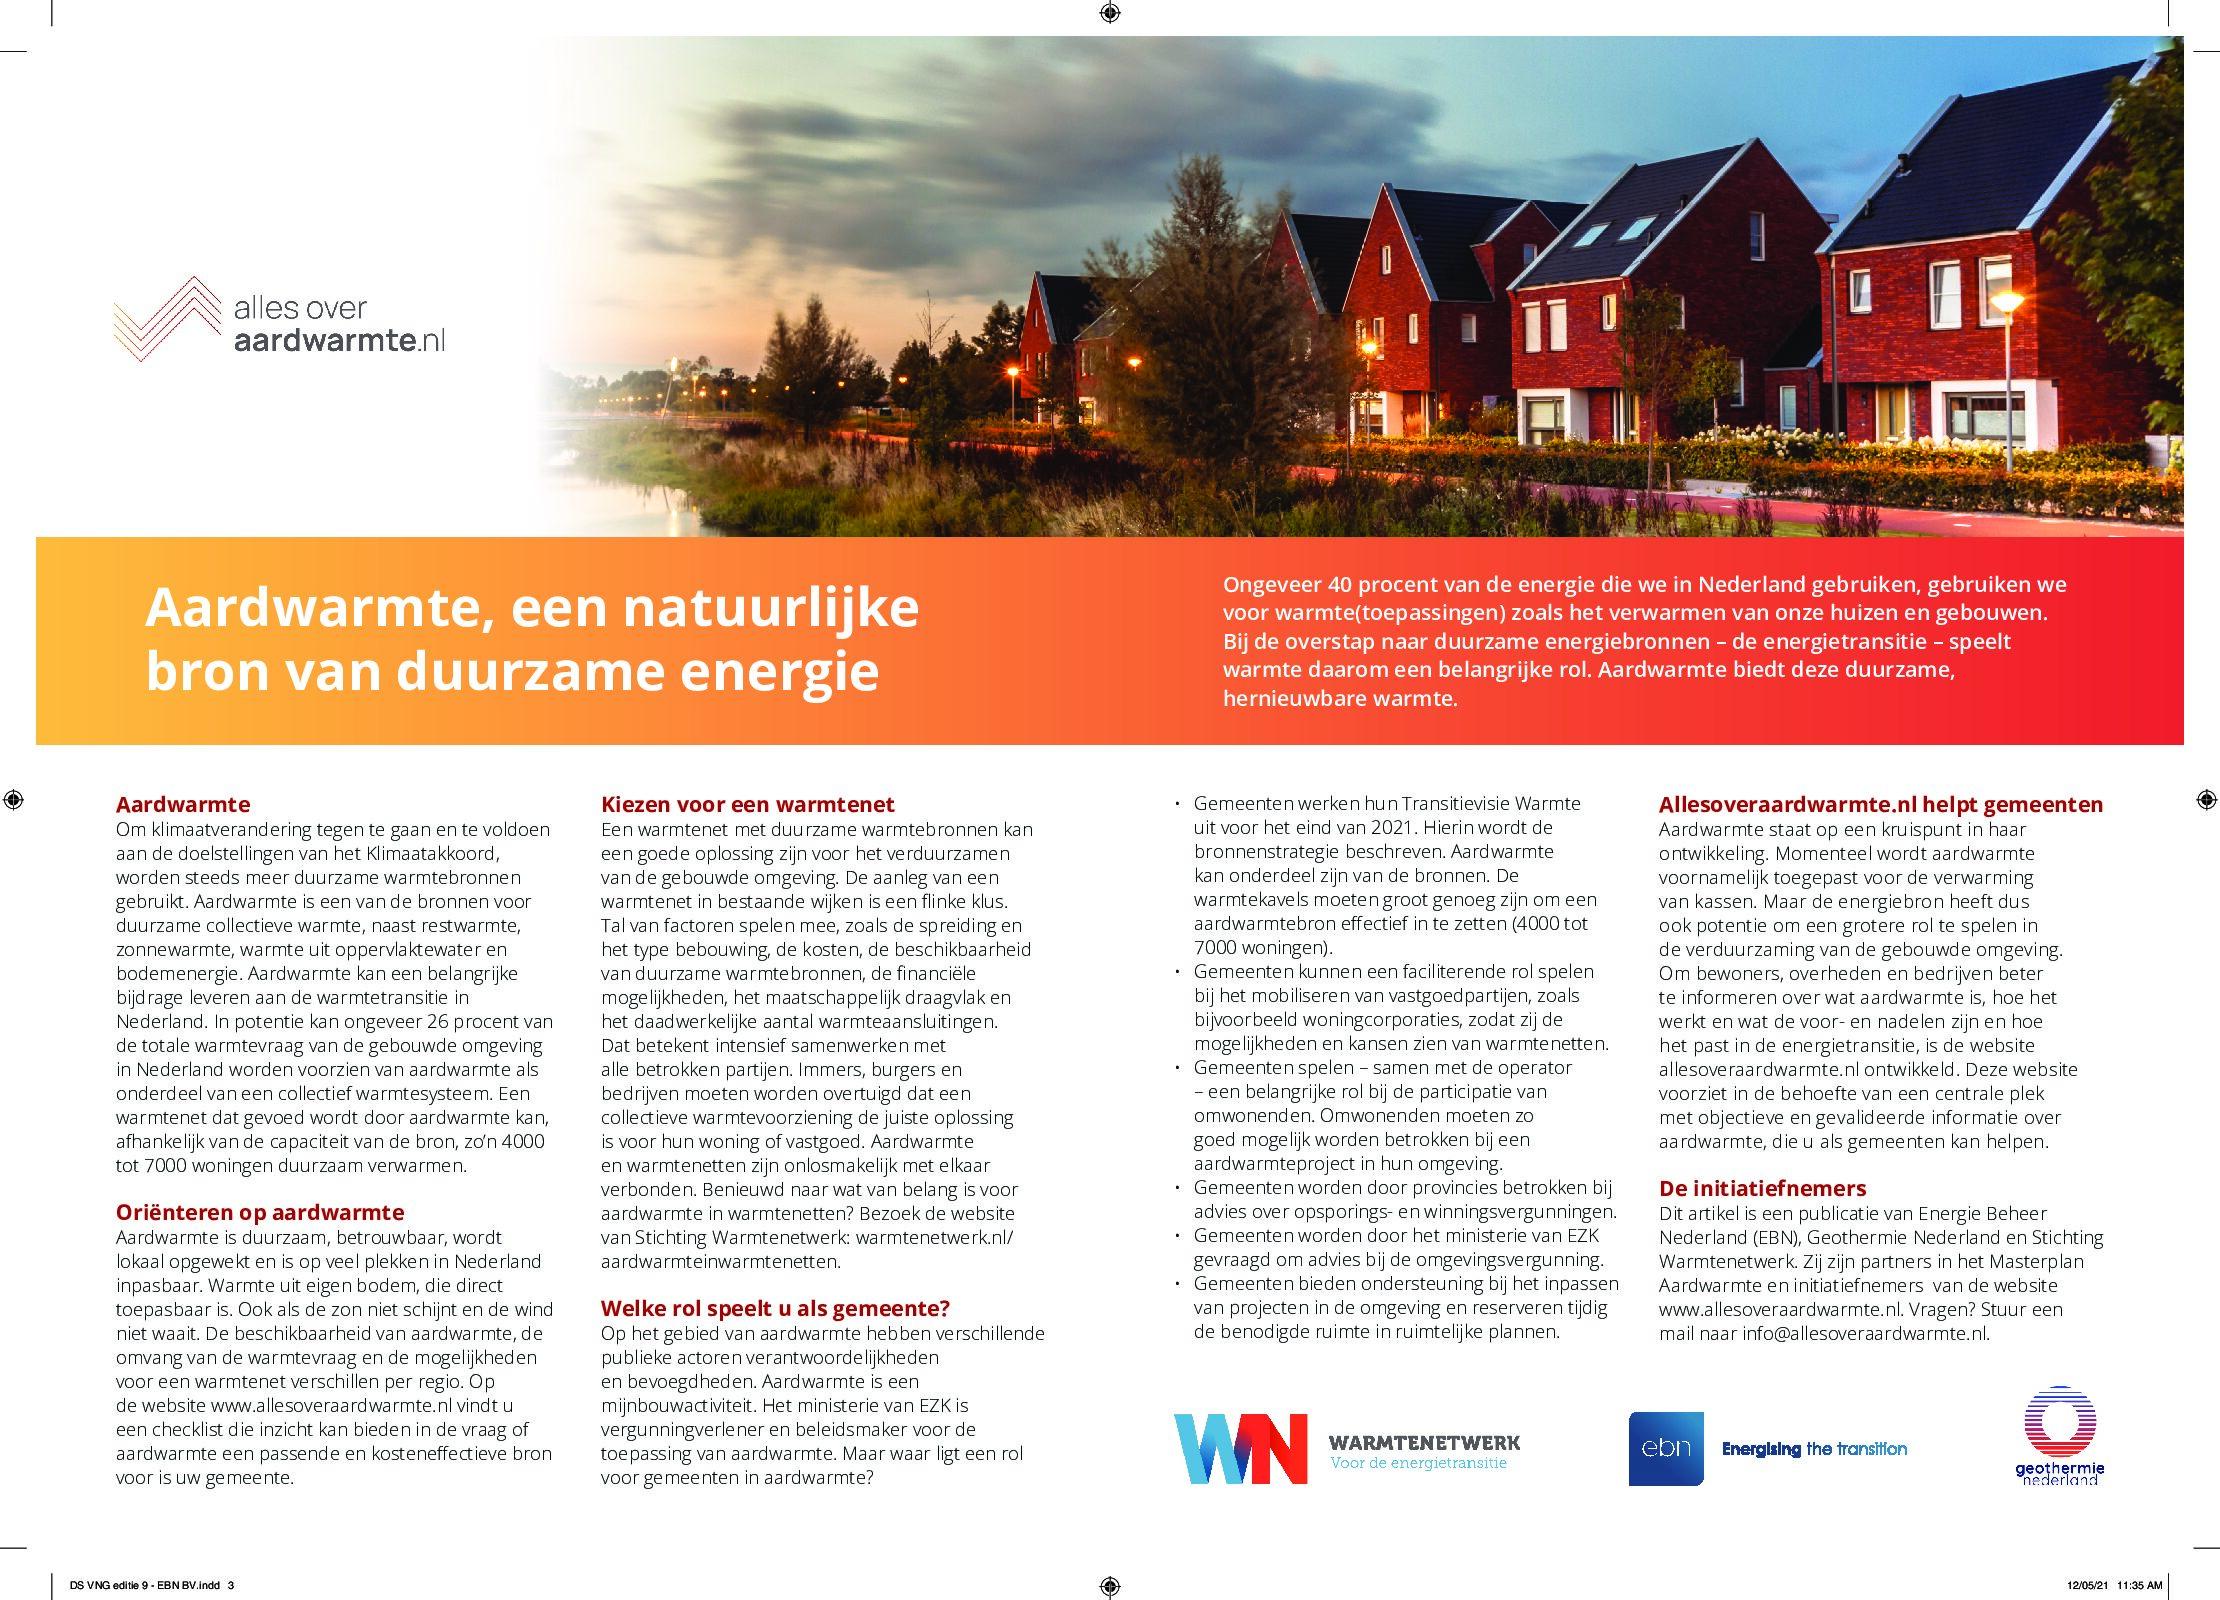 VNG magazine: aardwarmte als bron voor warmtenetten